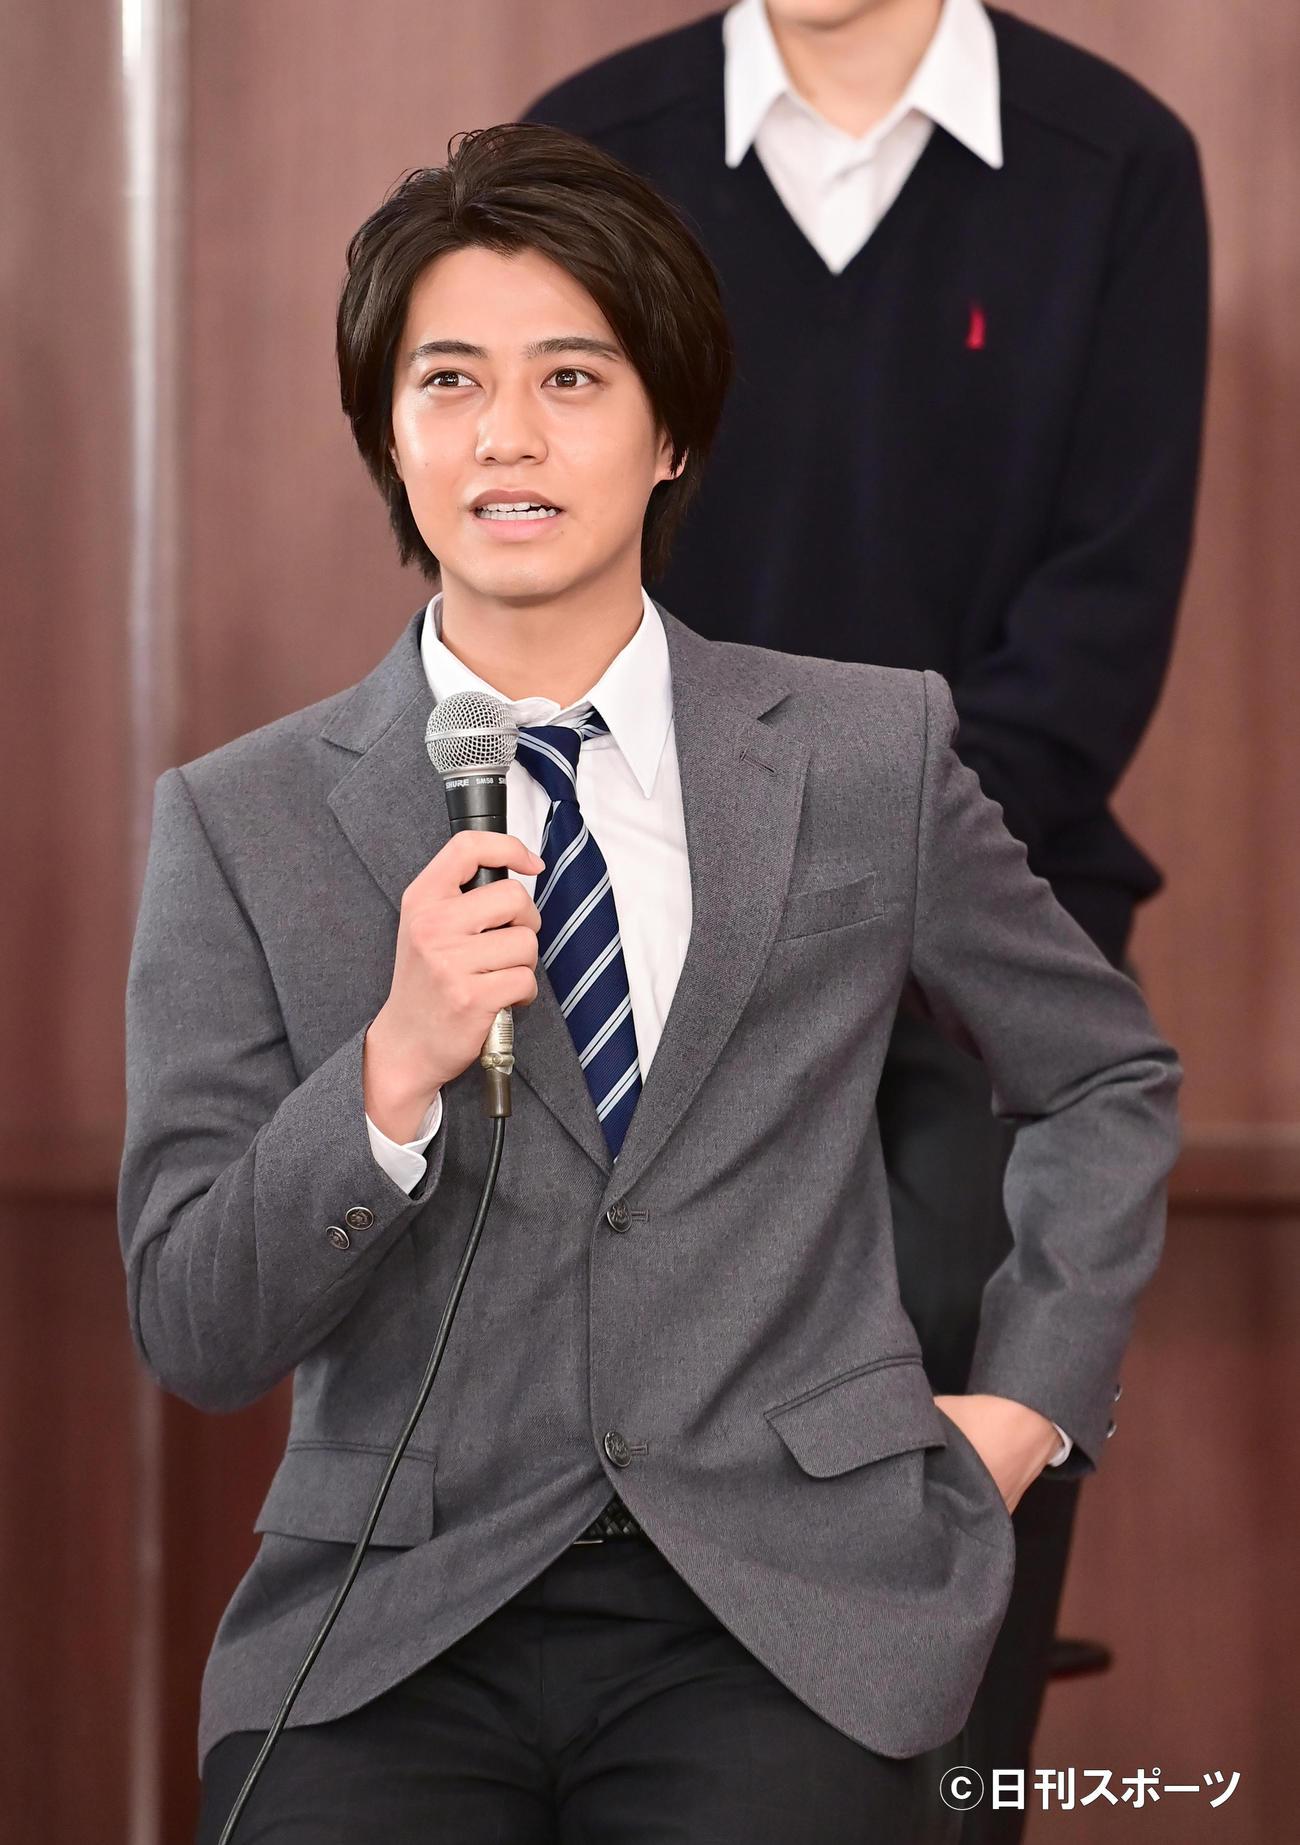 TBS系日曜劇場「ドラゴン桜」制作発表に臨む高橋海人(撮影・小沢裕)